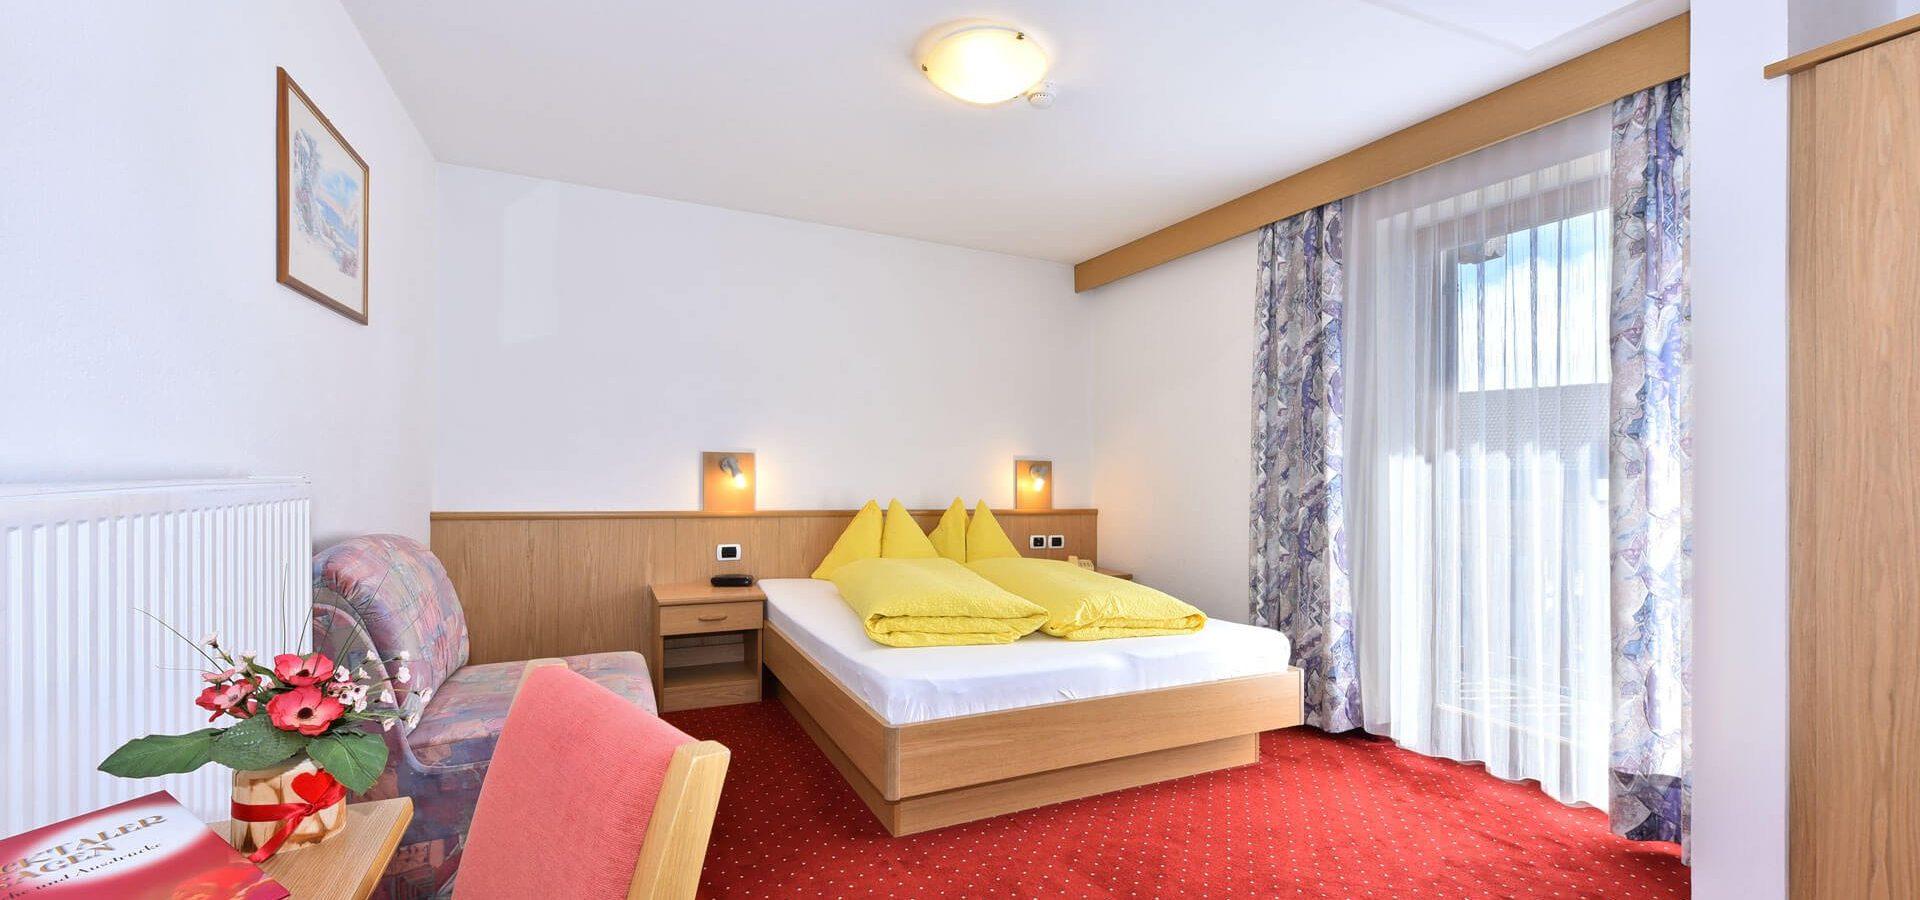 gruppenhaus-hotel-mesenhaus